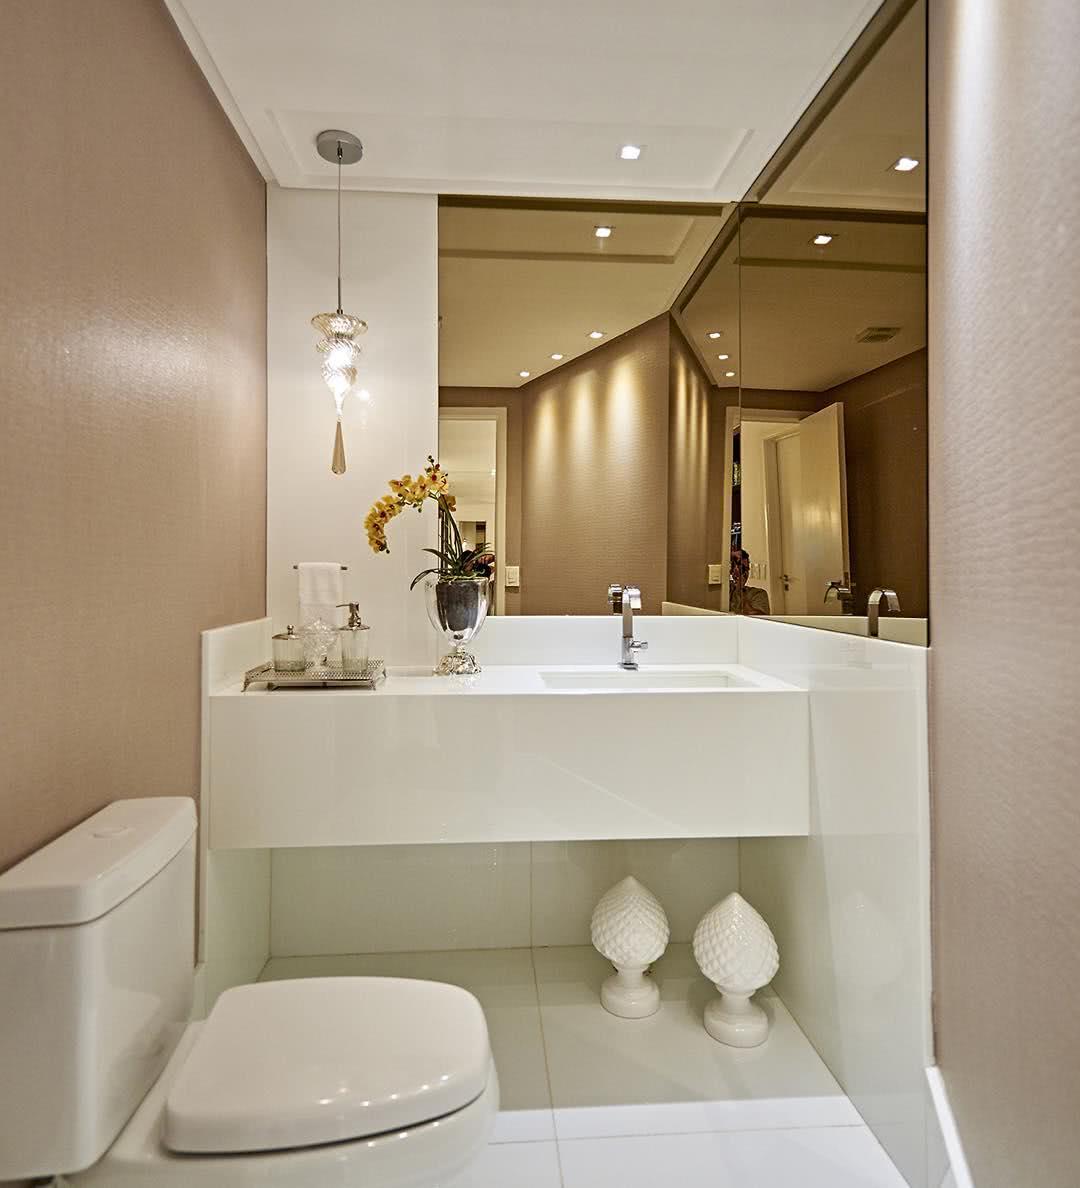 Fotos Salas De Jantar Com Espelhos : Fotos sala de jantar com espelho. #A88023 1080x1188